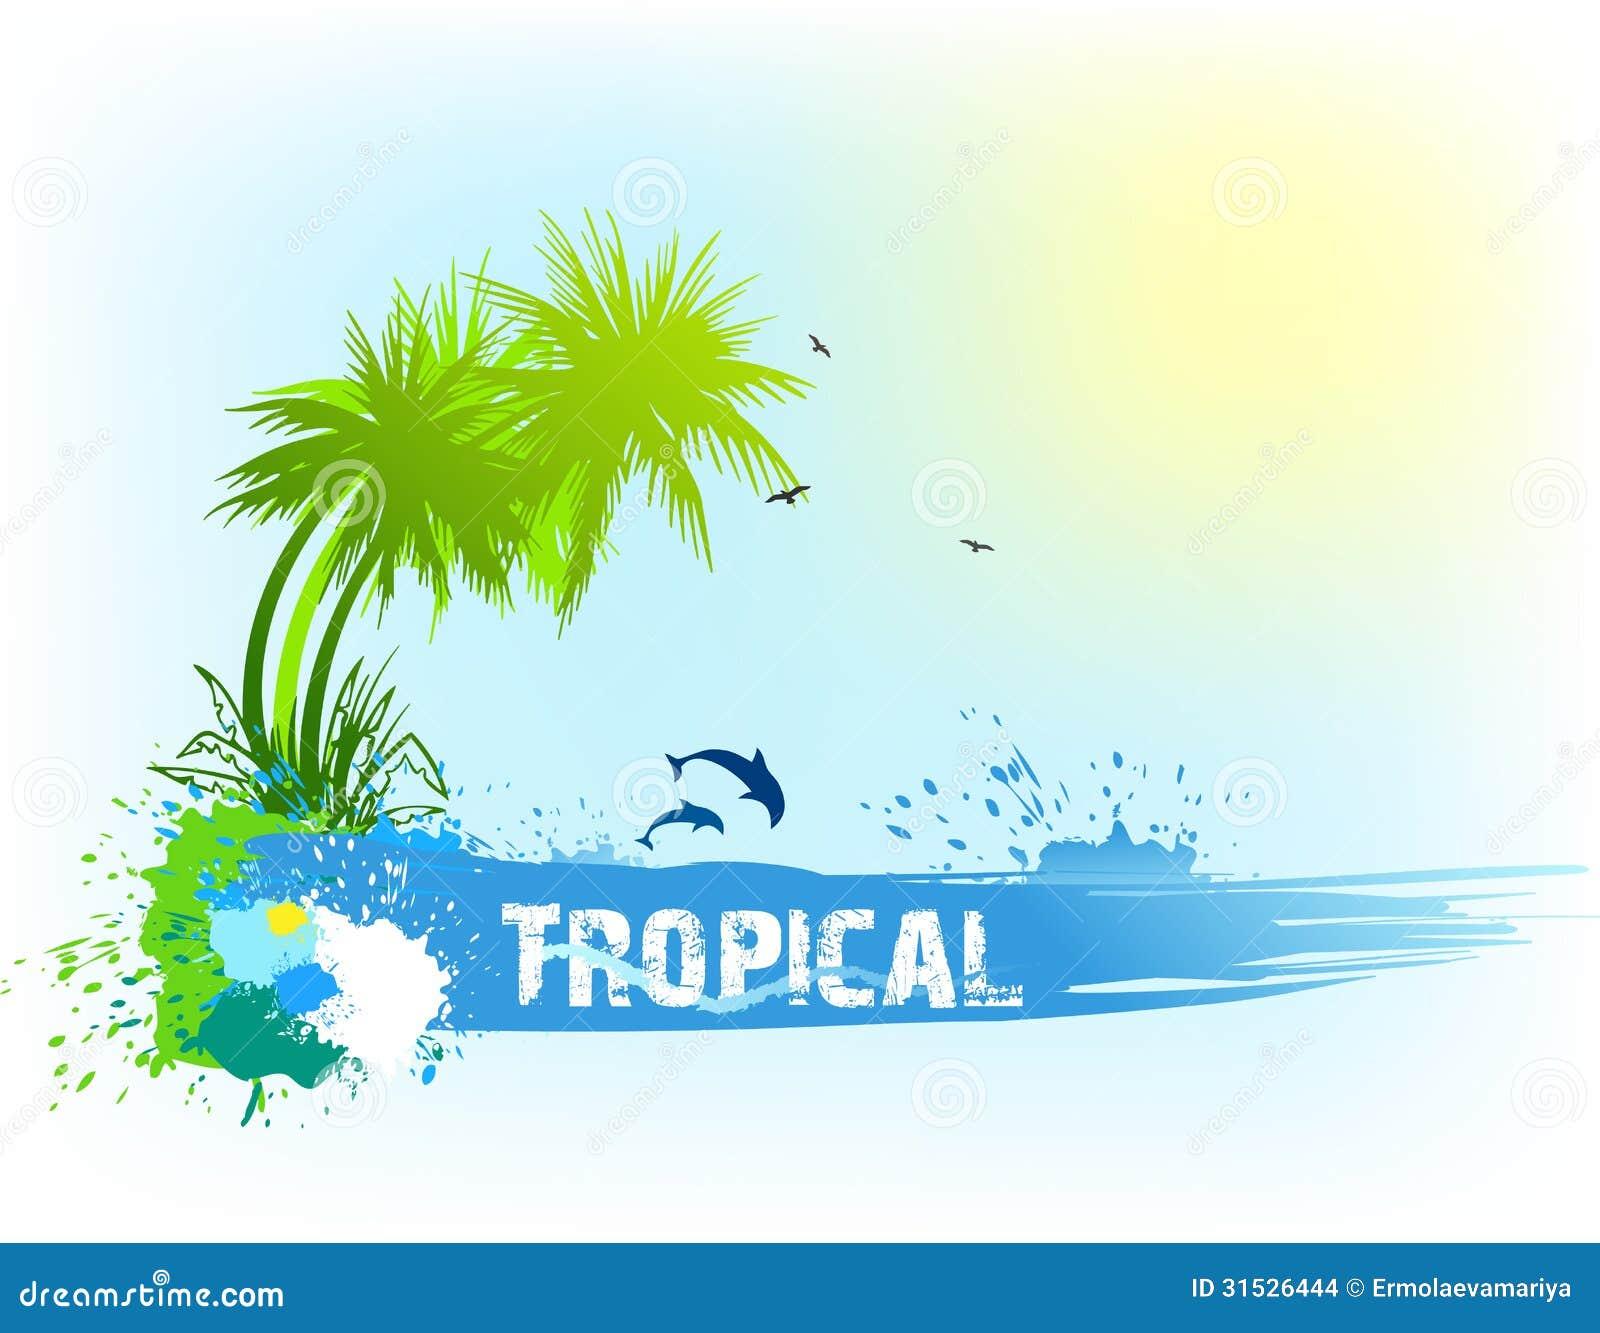 Tropic Art Design